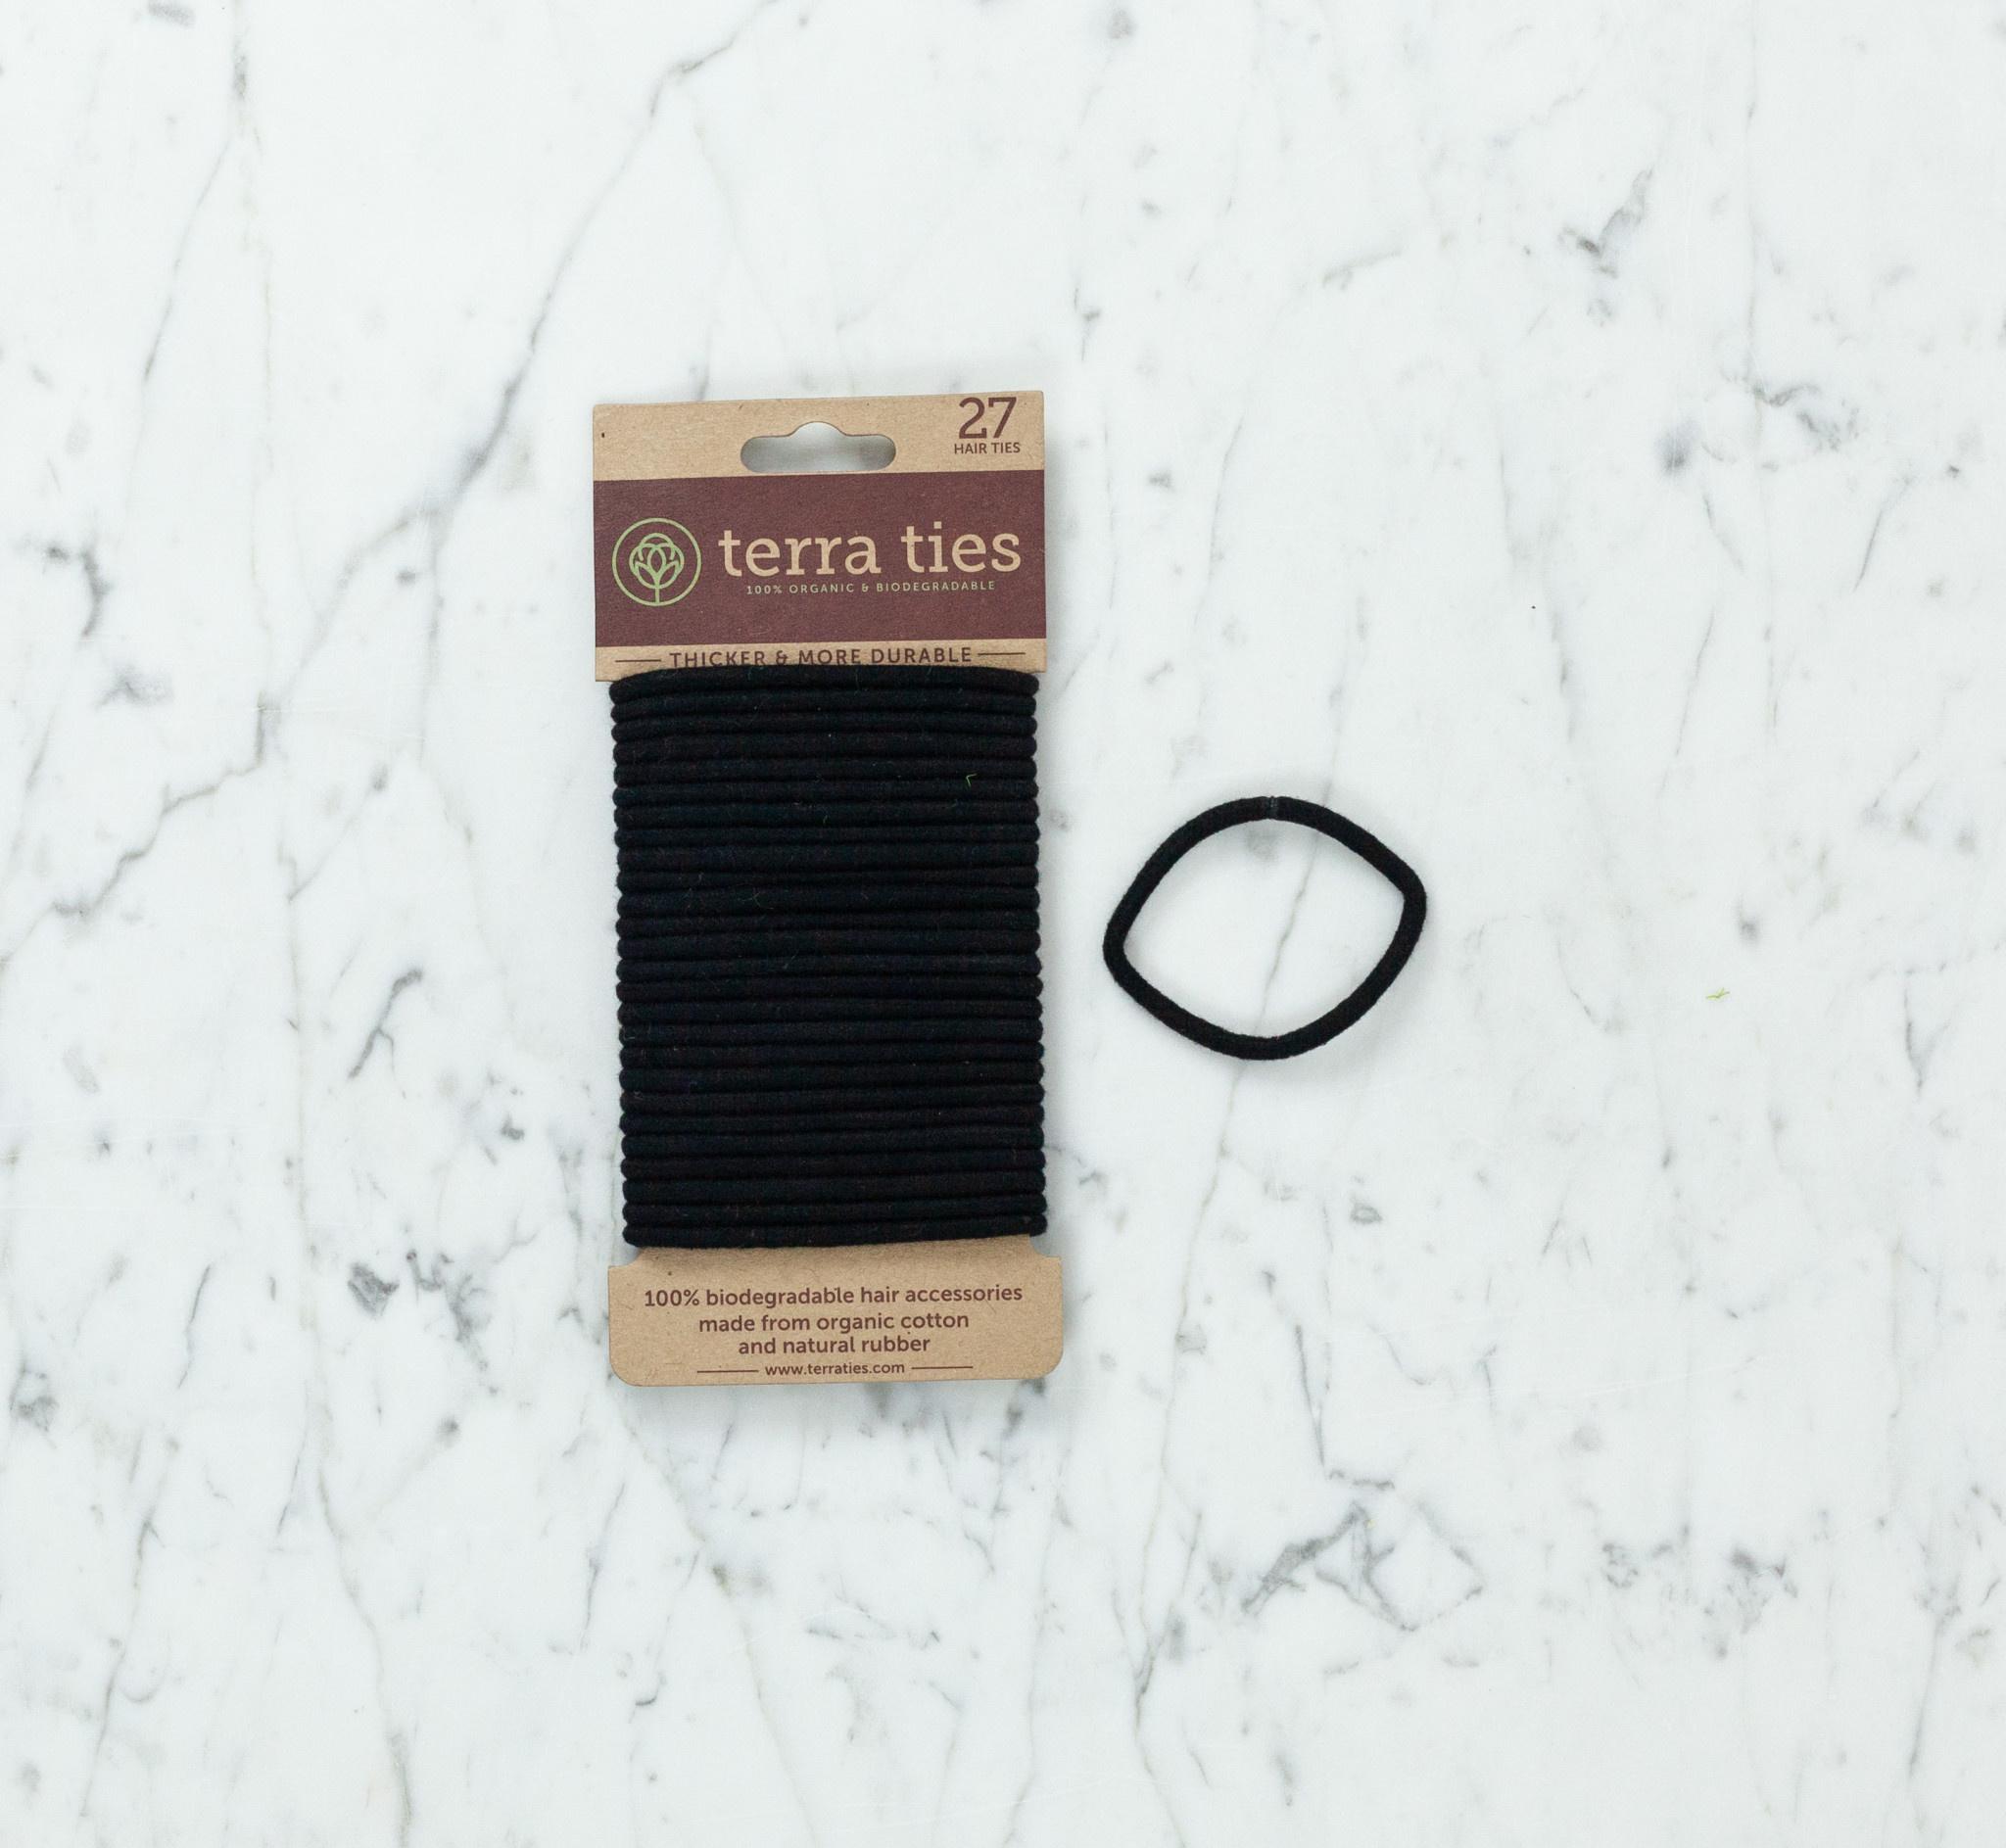 Organic Biodegradable Hair Ties